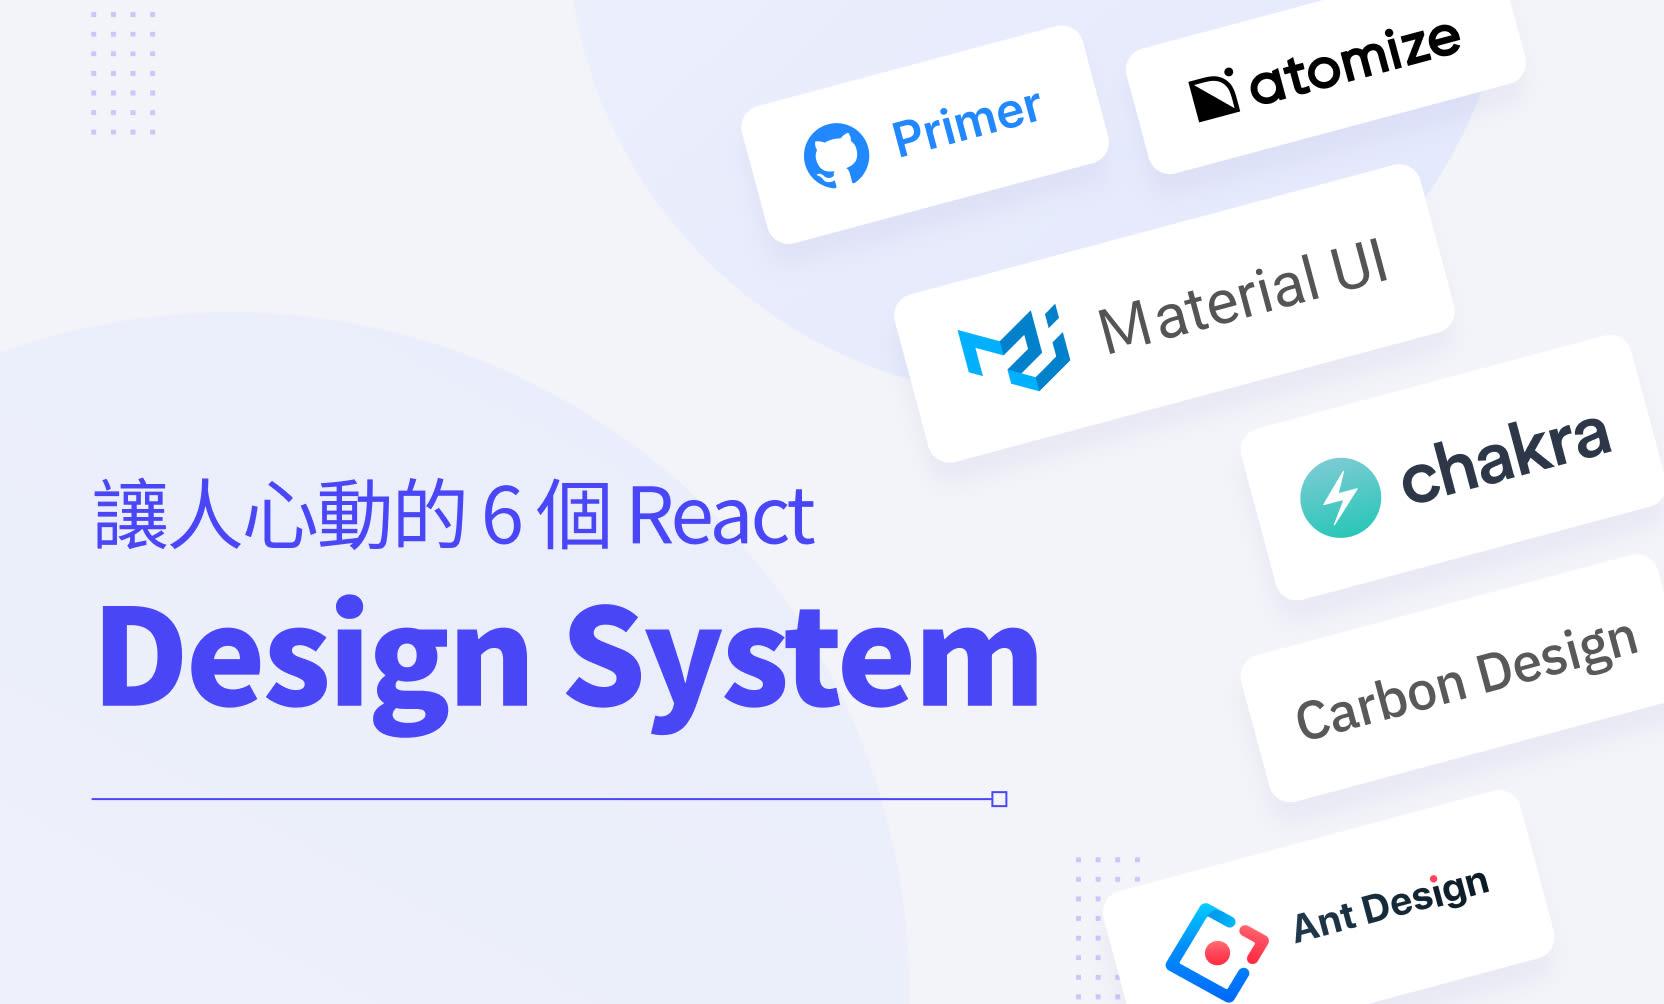 讓人心動的 6 個 React Design Systems